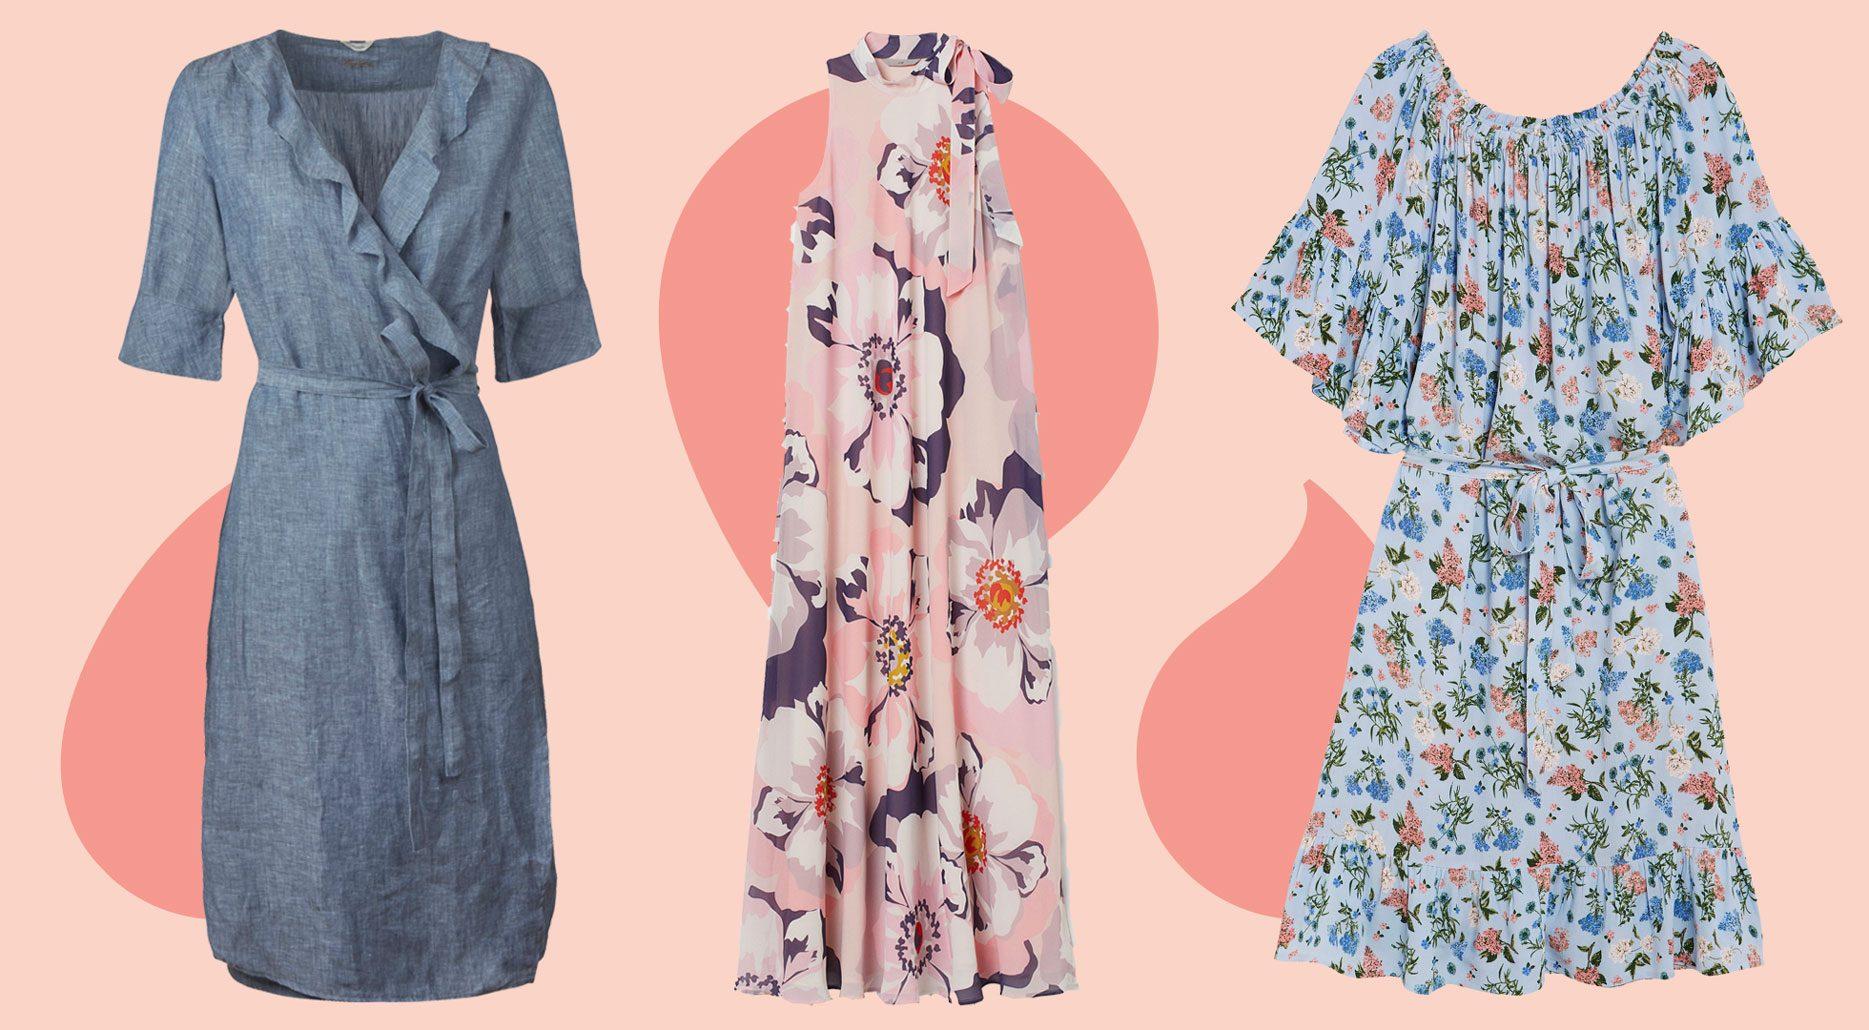 a6123b281793 Sommarklänningar 2019 – tre trendiga stilar just nu